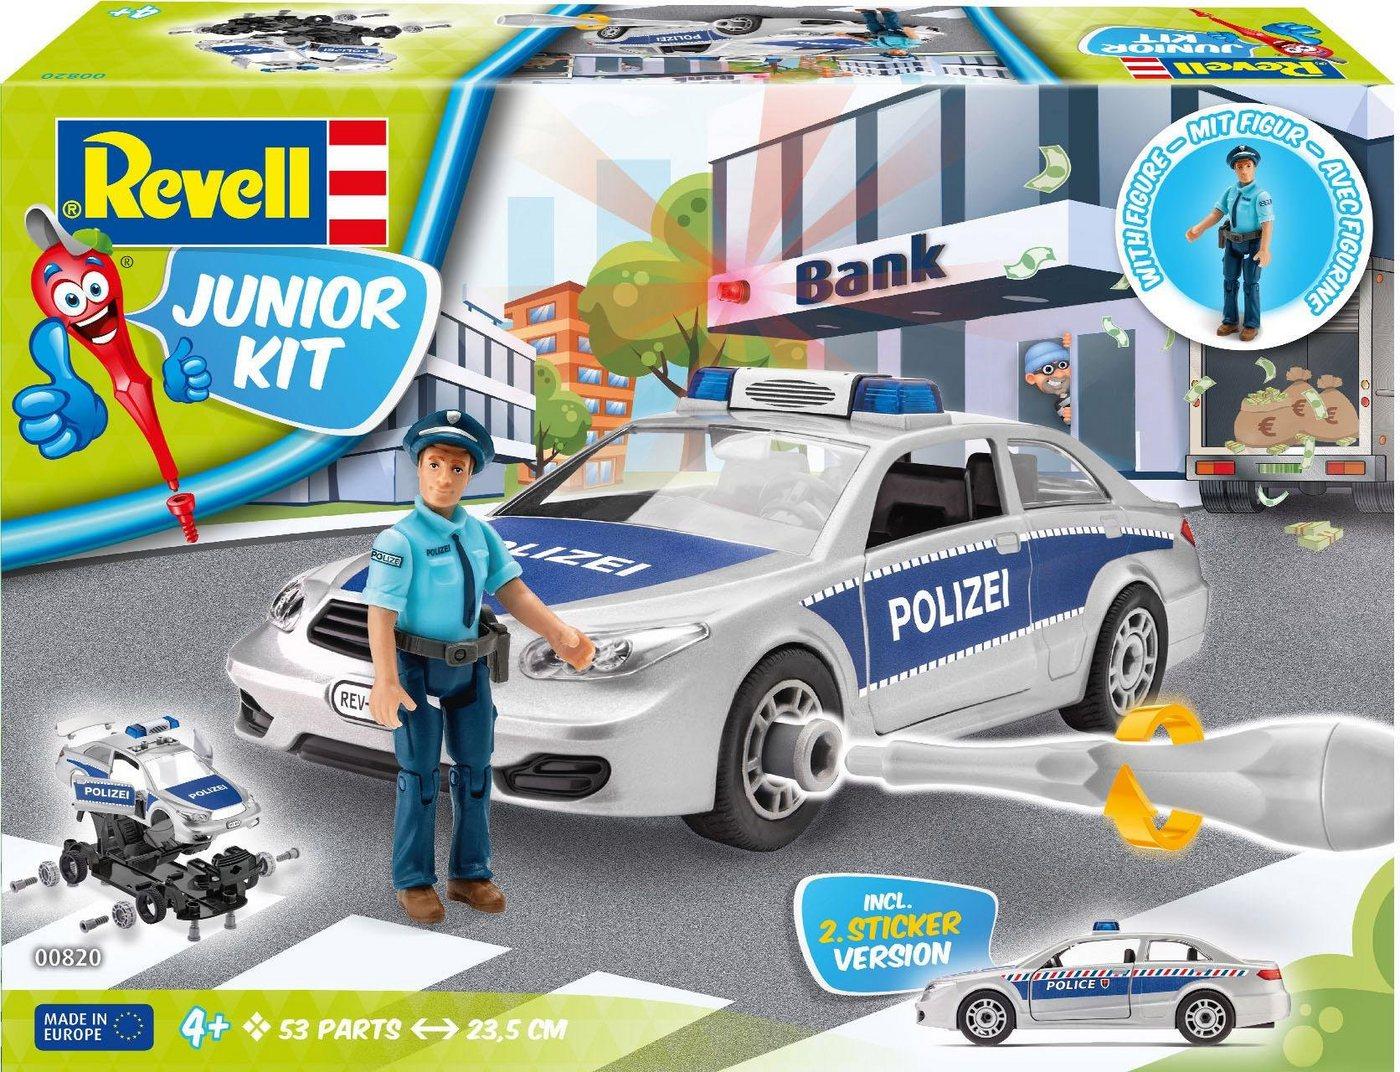 Revell Modellbausatz Auto mit Spielfigur, »Junior Kit Polizei «